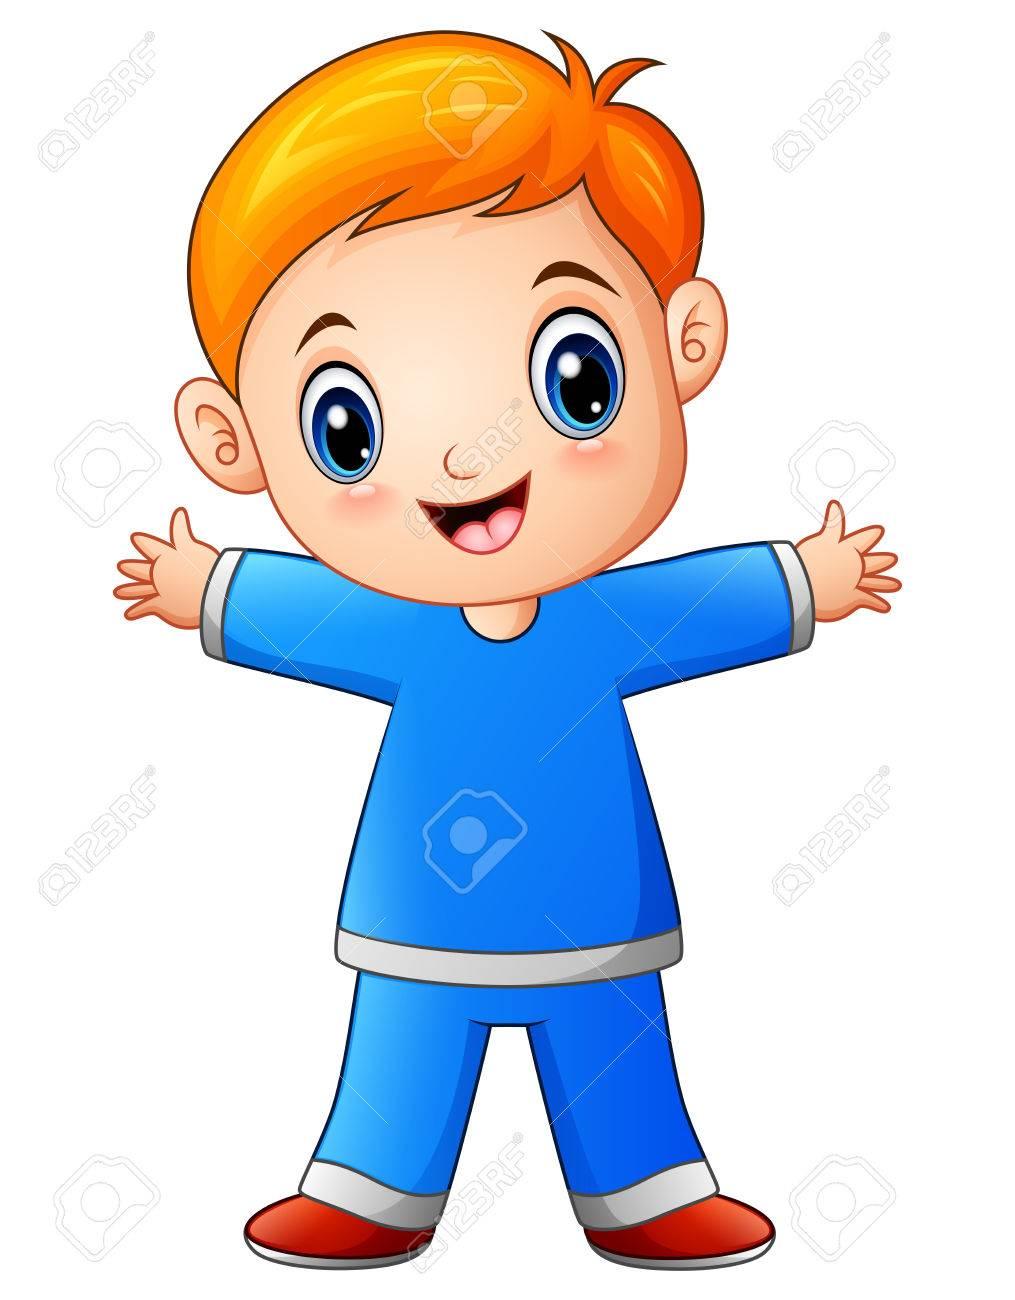 Cute little boy cartoon in blue shirt.